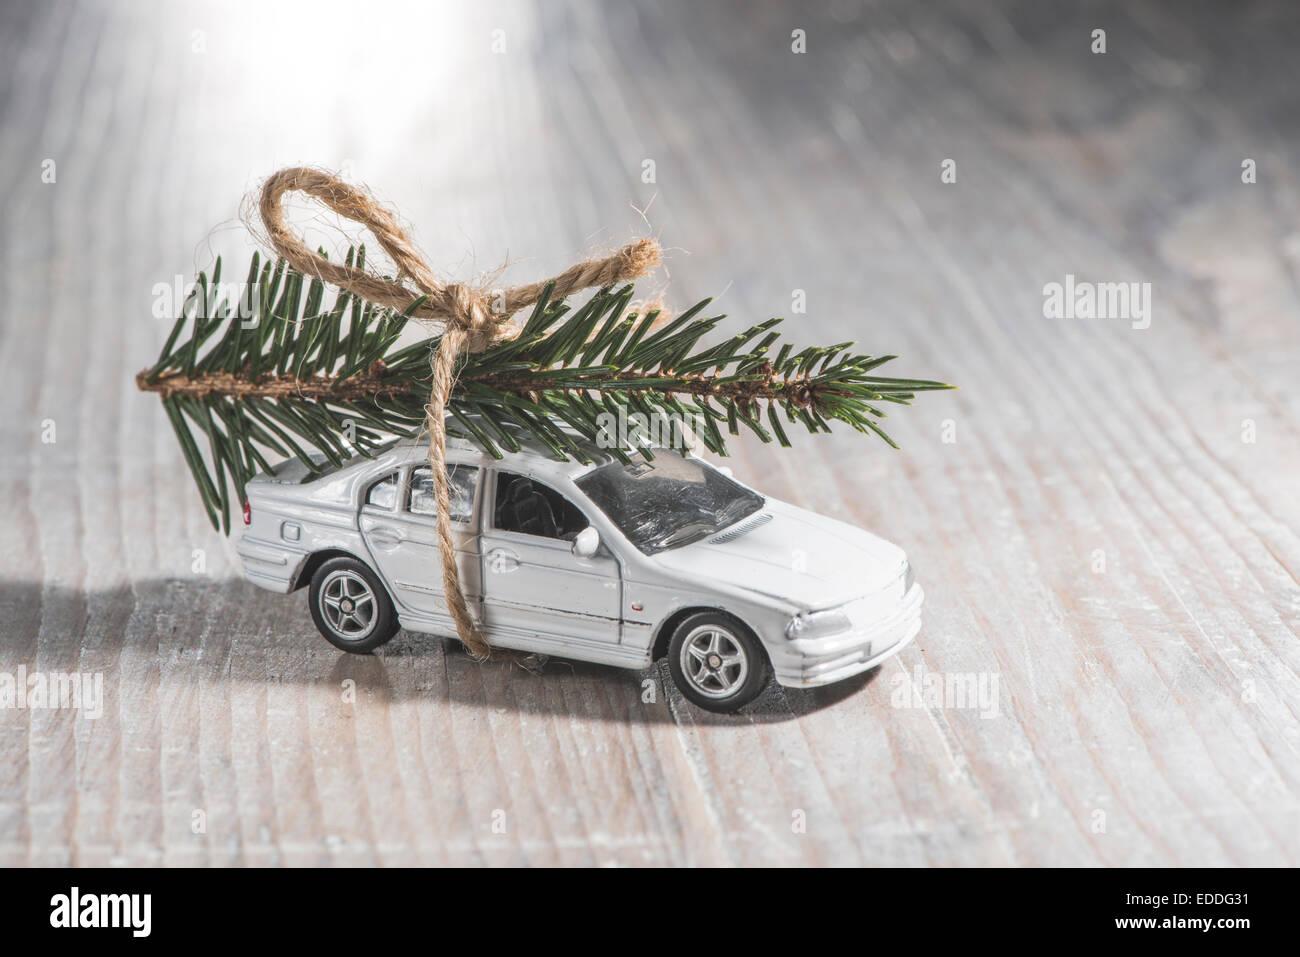 Coche blanco toy con árbol de Navidad en el techo Imagen De Stock